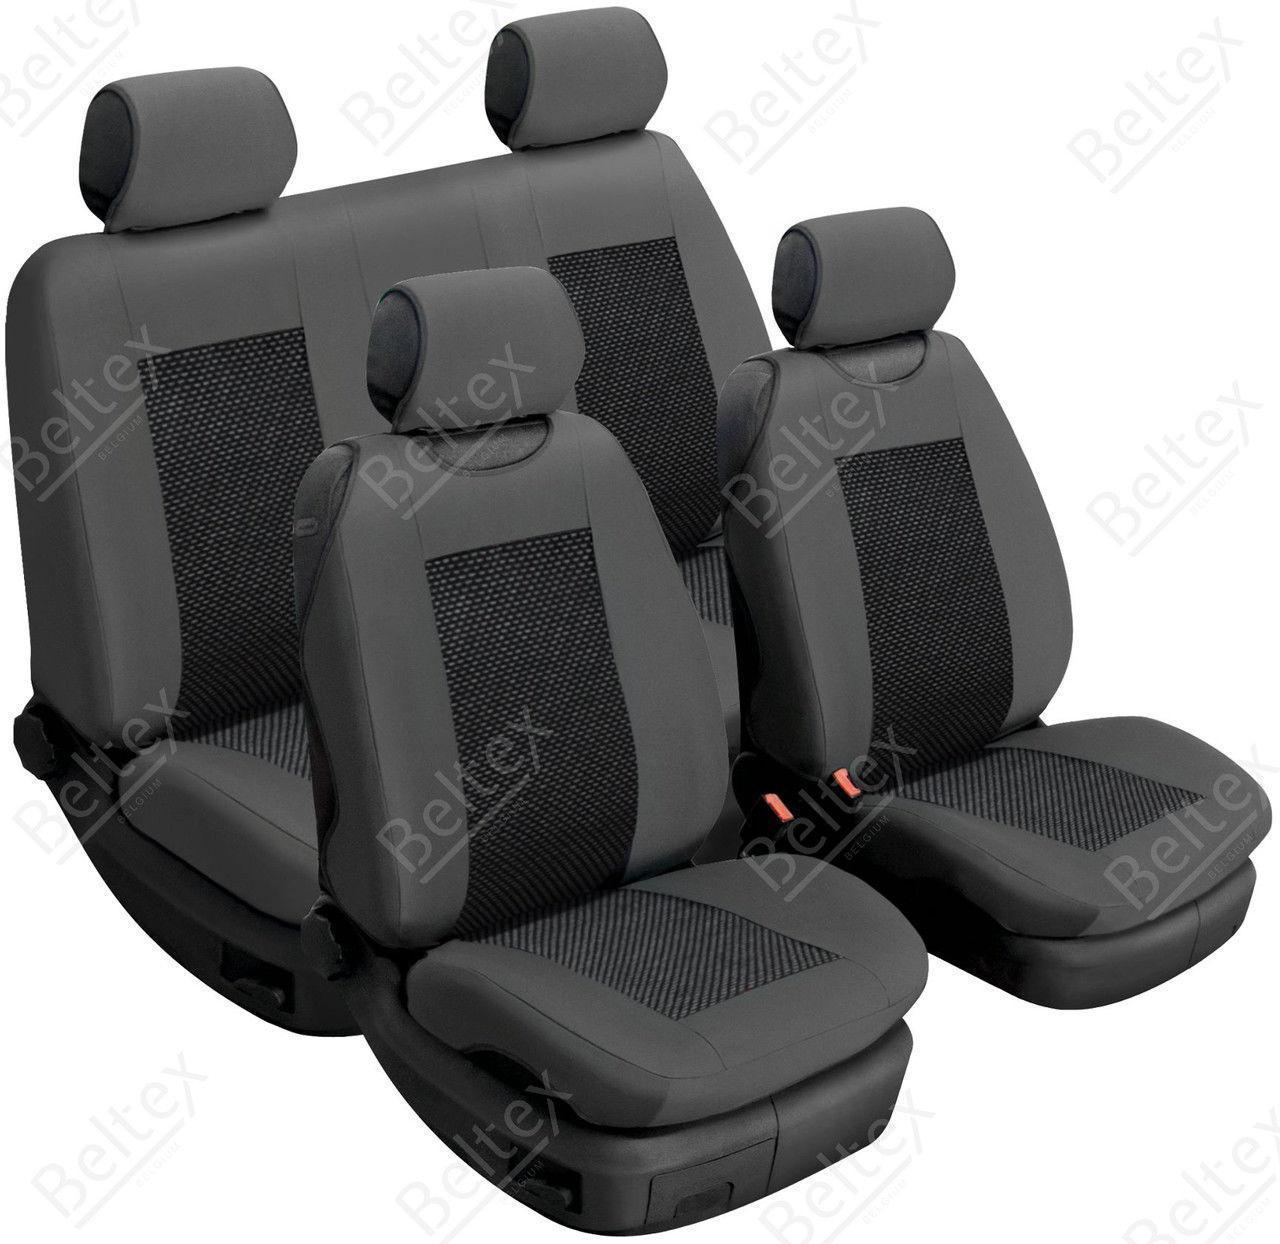 Майки/чехлы на сиденья Форд Фокус 1 (Ford Focus I)